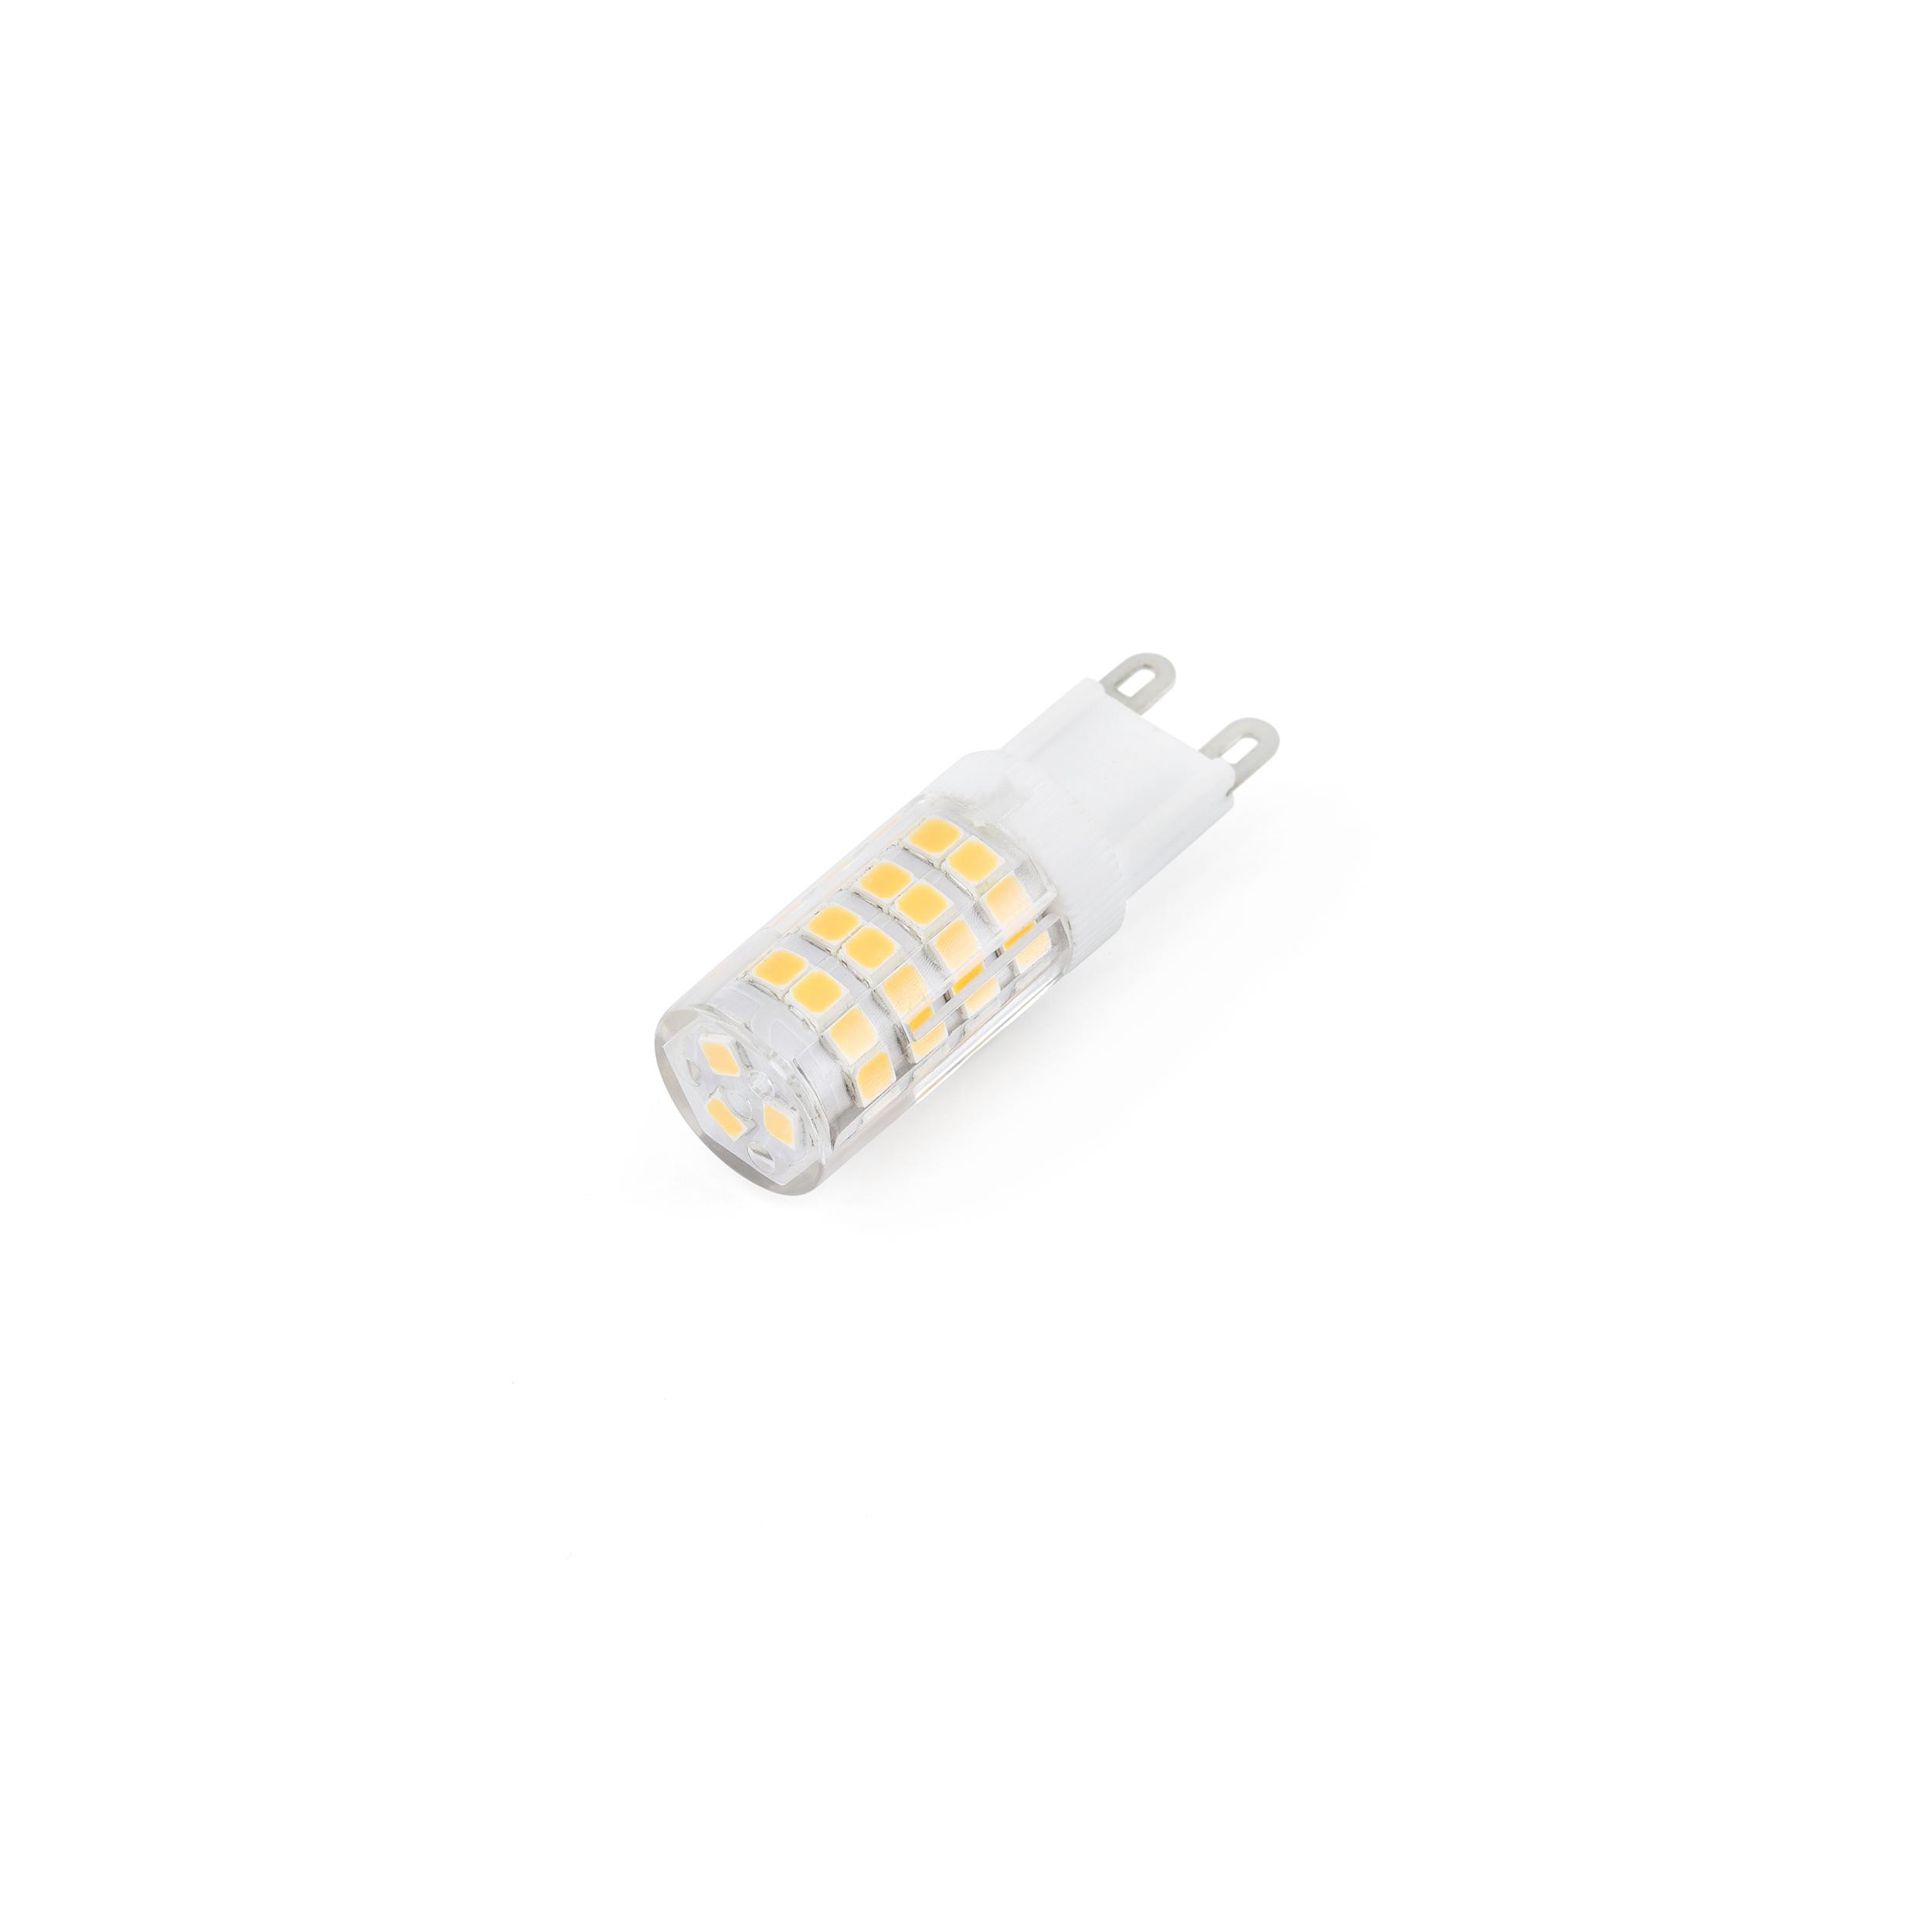 ampoule led ampoule g9 led 3 5w 2700k 350lm h50cm faro luminaires nedgis. Black Bedroom Furniture Sets. Home Design Ideas